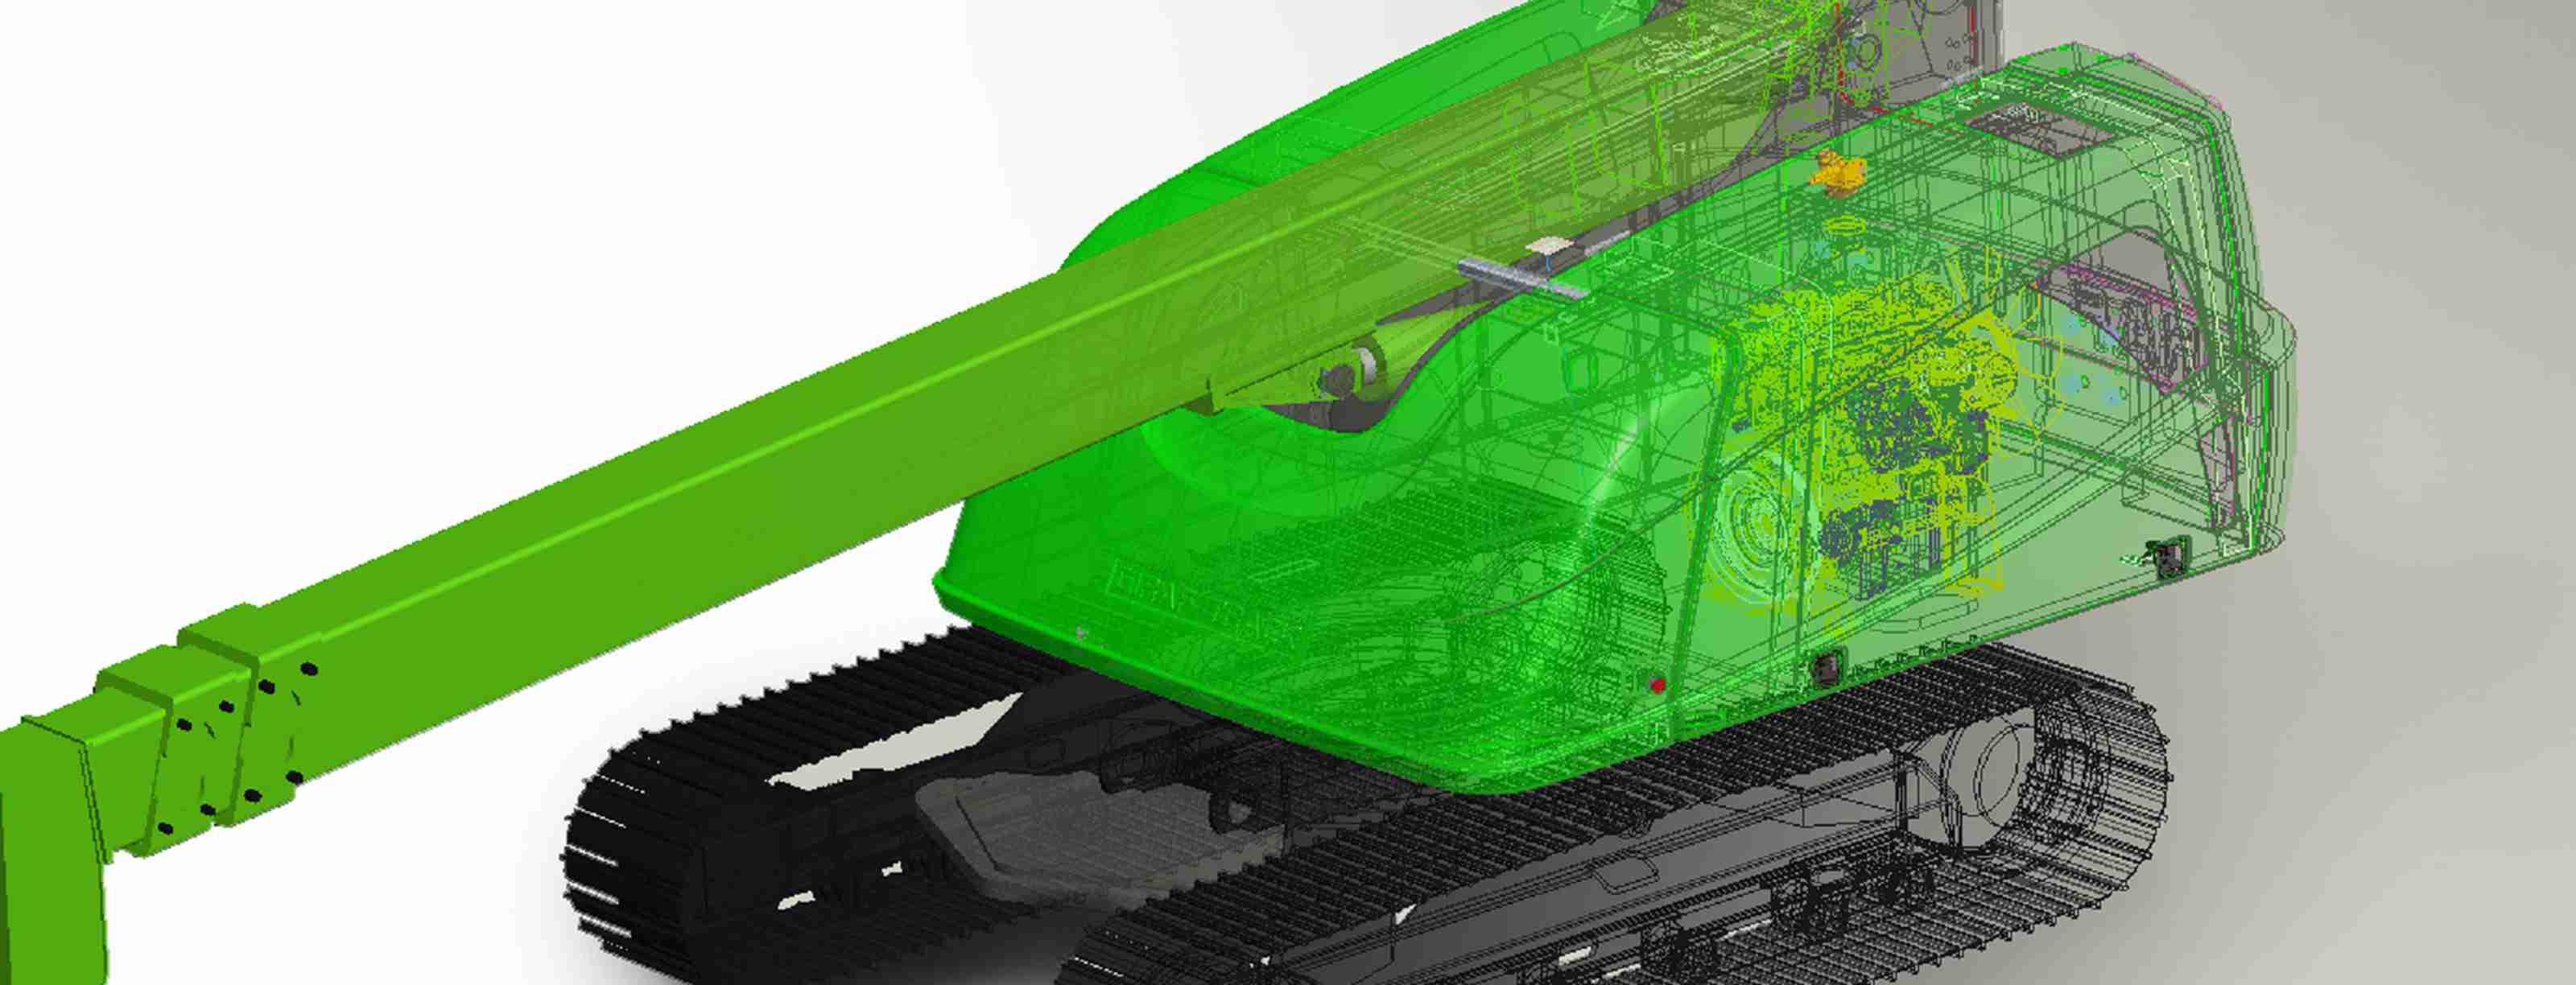 Développement de produits, conception 3D & Prototypage